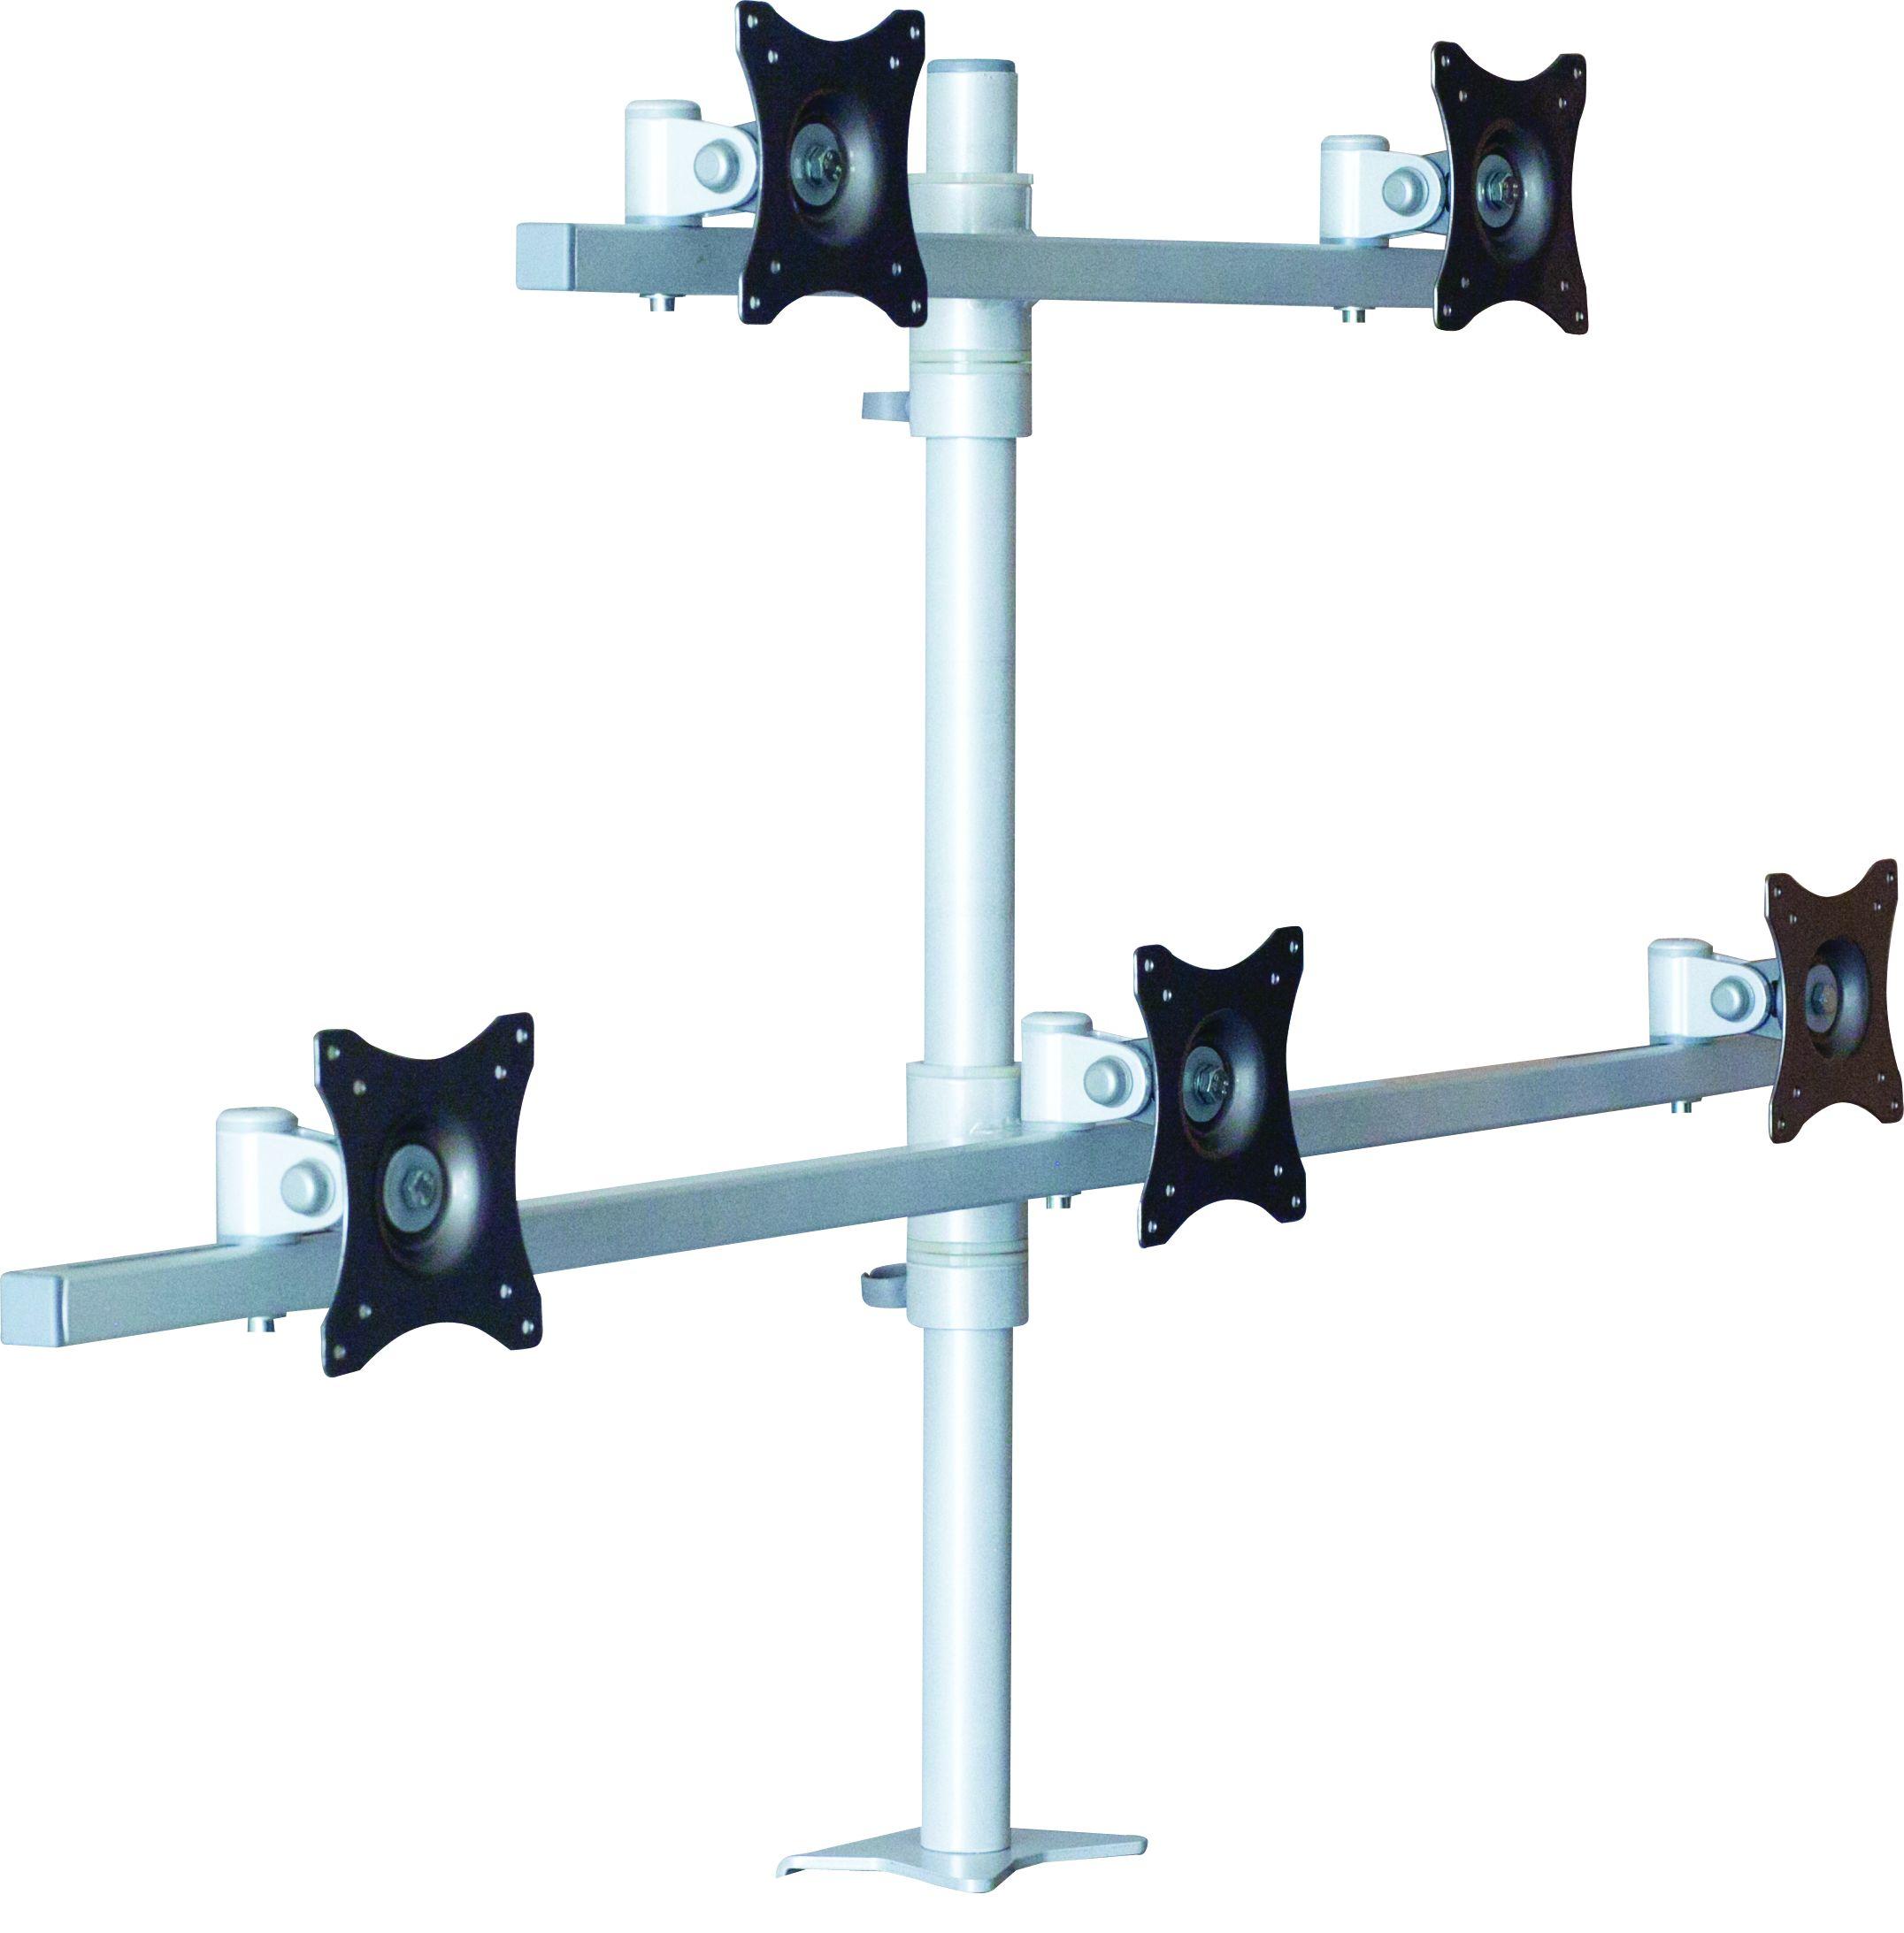 Stolní držák na 5 monitorů EDBAK SV12